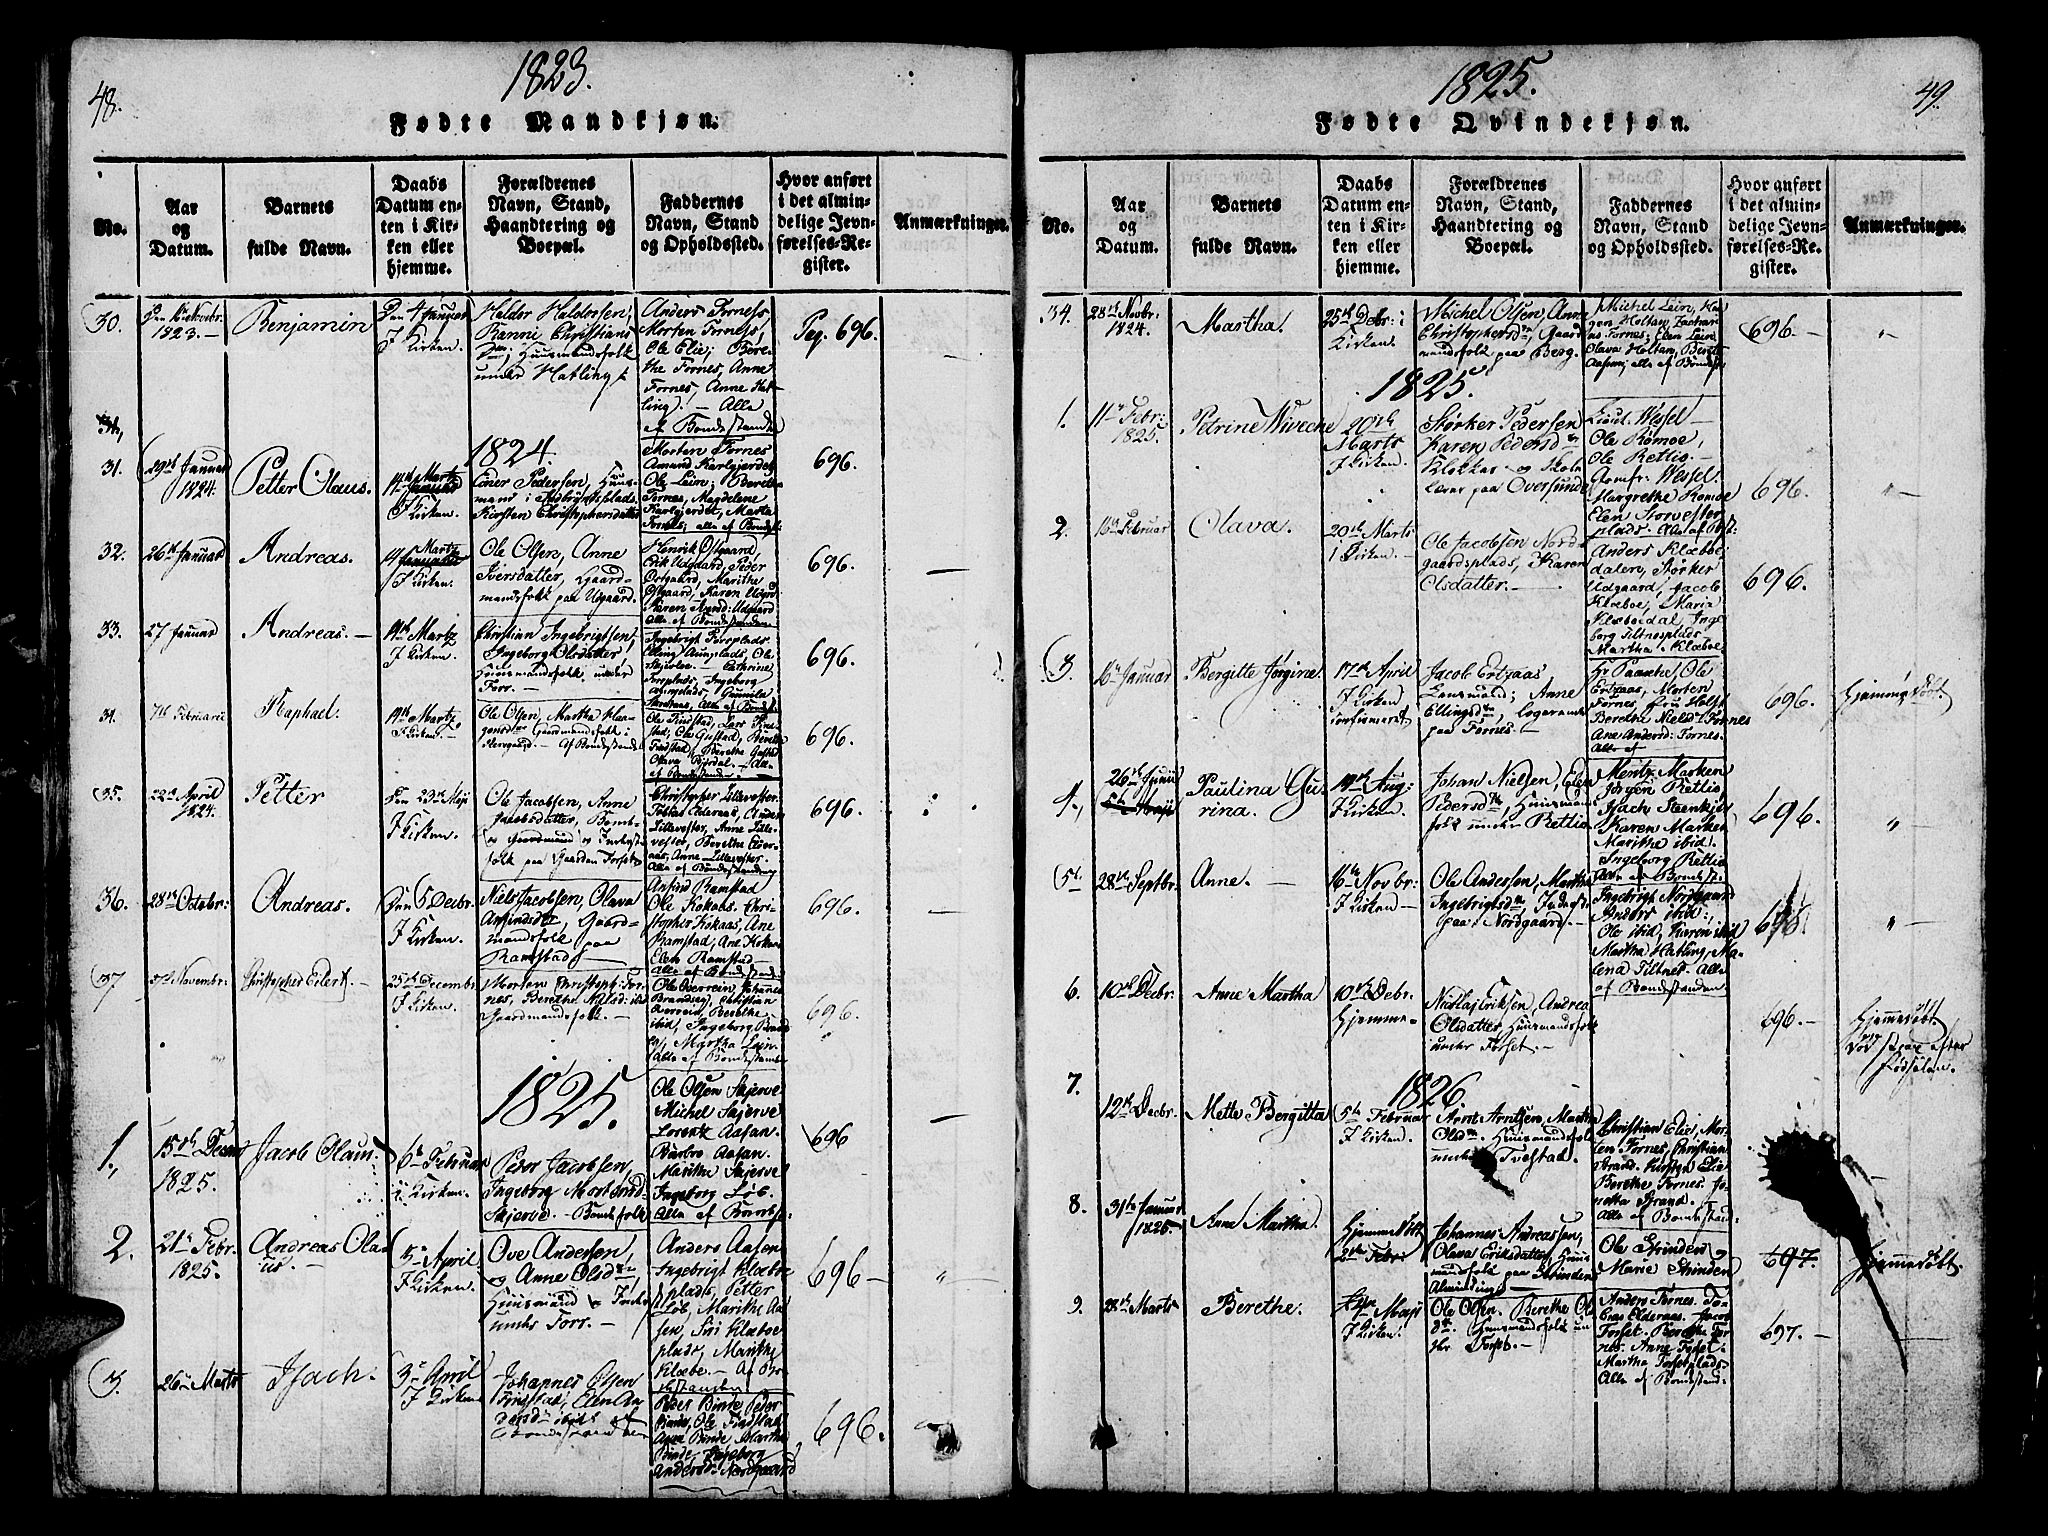 SAT, Ministerialprotokoller, klokkerbøker og fødselsregistre - Nord-Trøndelag, 746/L0441: Ministerialbok nr. 746A03 /1, 1816-1827, s. 48-49